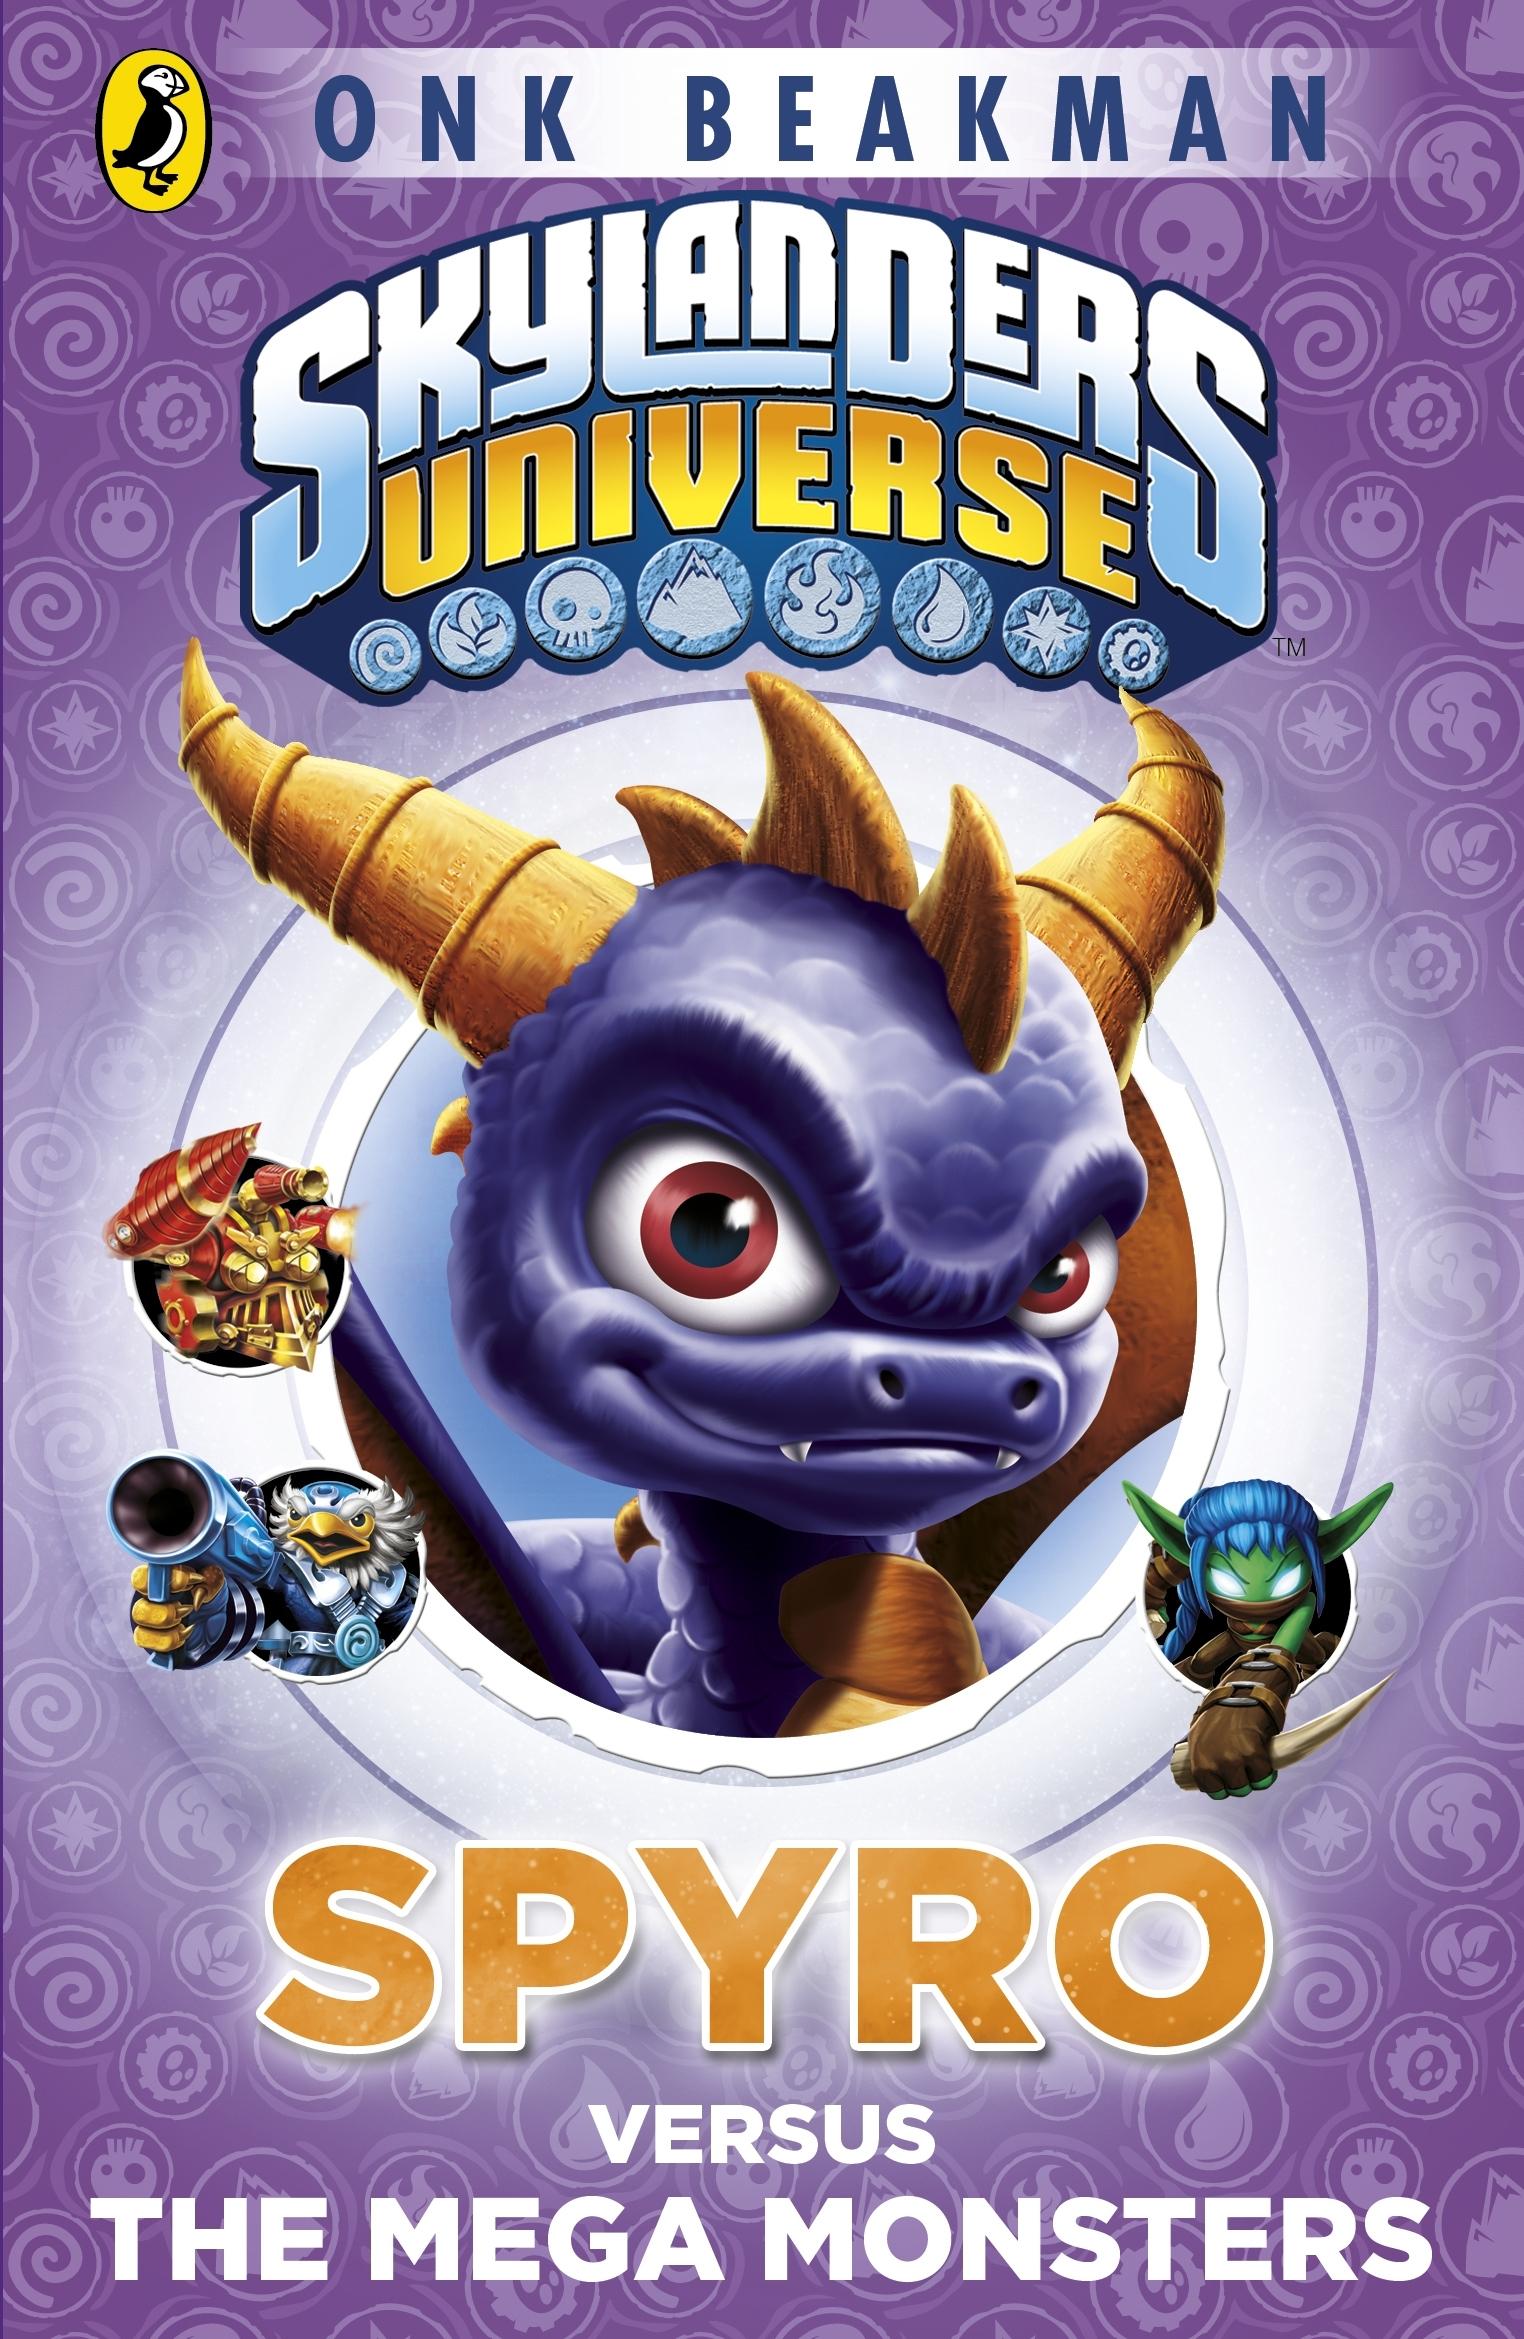 onk beakman revealed in skylanders spyro versus the mega monsters